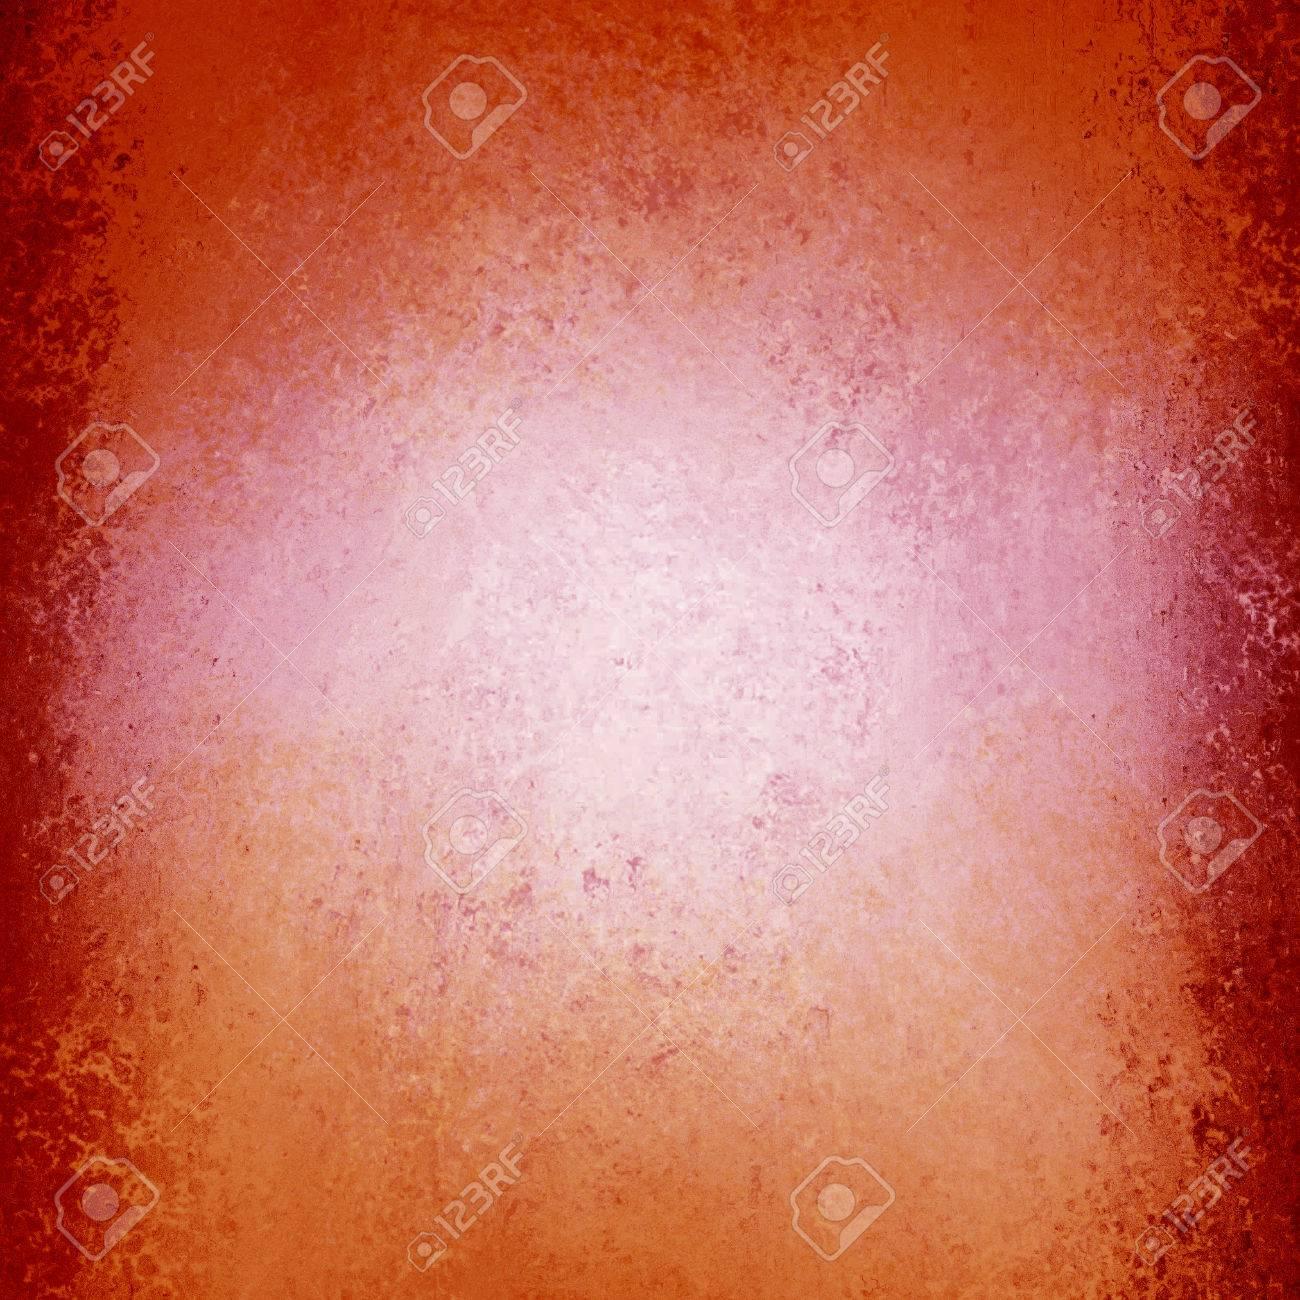 1058dd9b11be Elegante fondo de color naranja rosado con diseño de borde de color rosa o  burdeos grunge